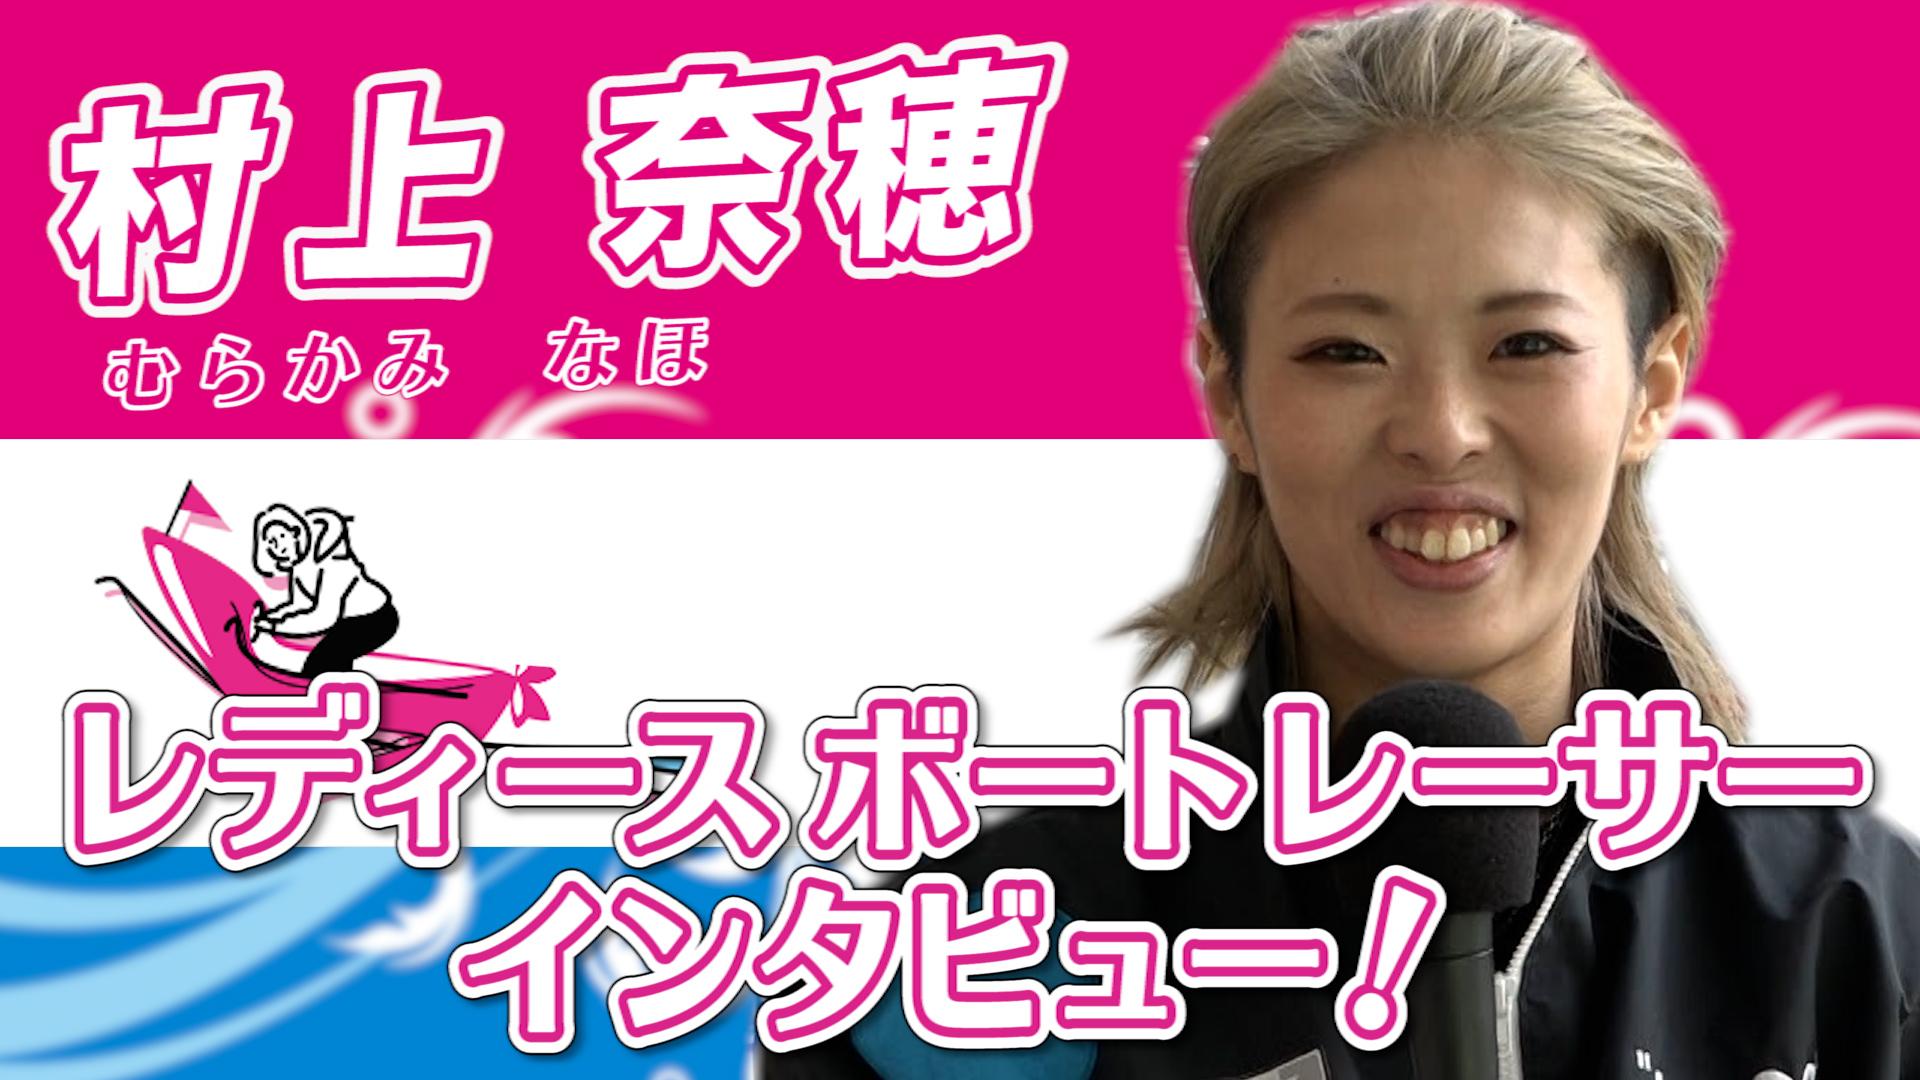 あだ名は『匹見川の狂犬さんだーさん』の村上奈穂選手!勝率を一歩一歩上げて、A級昇格を目指す!!|ボートレース